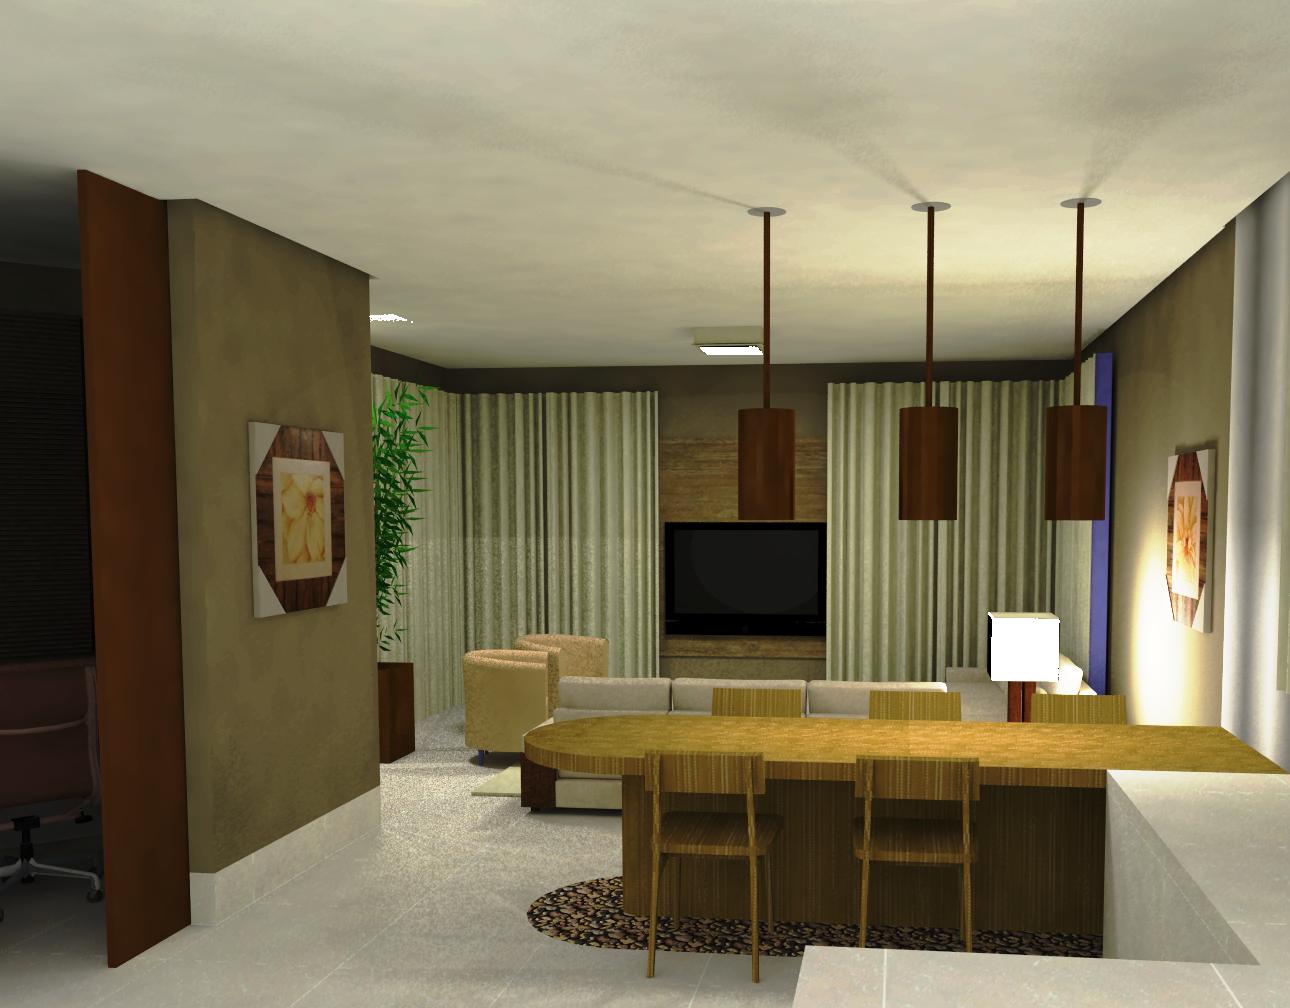 SALA DE ESTAR/JANTAR/COZINHA meu projeto arquitetônico e interiores #9B7730 1290 1008